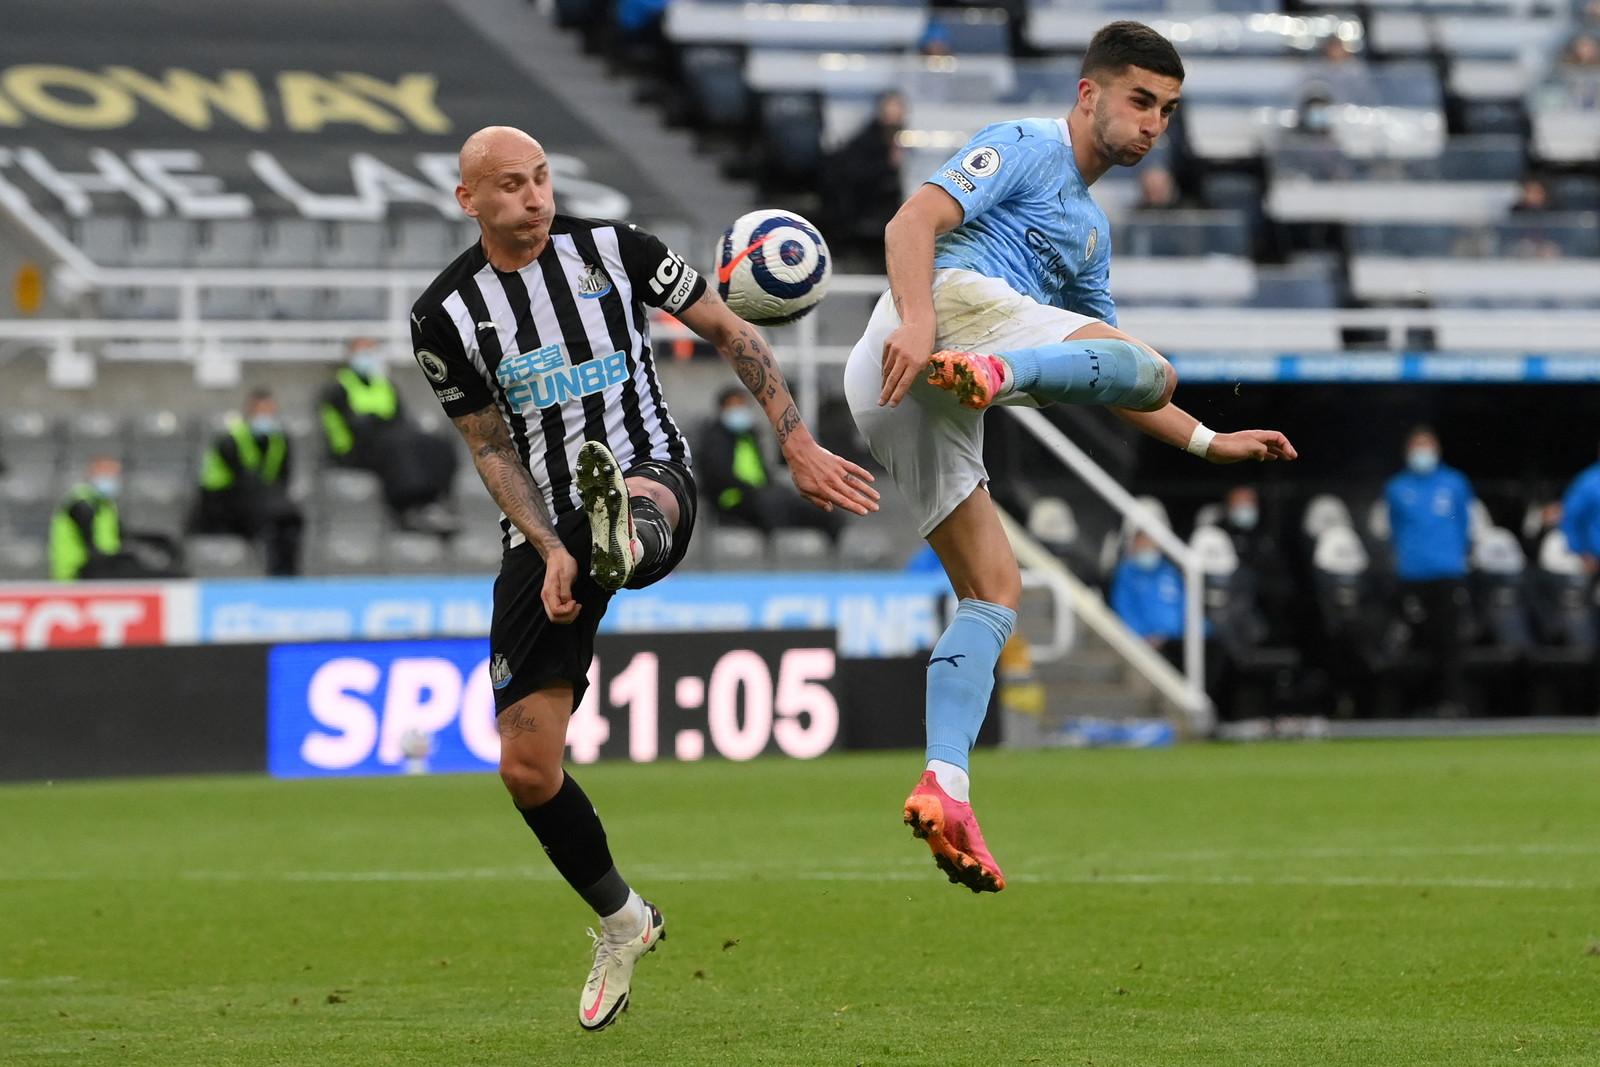 Gol spettacolare di Ferran Torres&nbsp;nel primo tempo di&nbsp;Newcastle-Manchester City. Dopo le reti di&nbsp;Krafth e Cancelo, l&#39;attaccante spagnolo ha segnato con uno straordinario colpo di tacco al volo anticipando il suo marcatore e beffando&nbsp;Dubravka&nbsp;con una magia alla Ibra. Ma la serata magica del bomber non &egrave; finita qui. Nella ripresa, Torres &egrave; andato infatti a bersaglio altre due volte, firmando una meravigliosa tripletta.&nbsp;<br /><br />